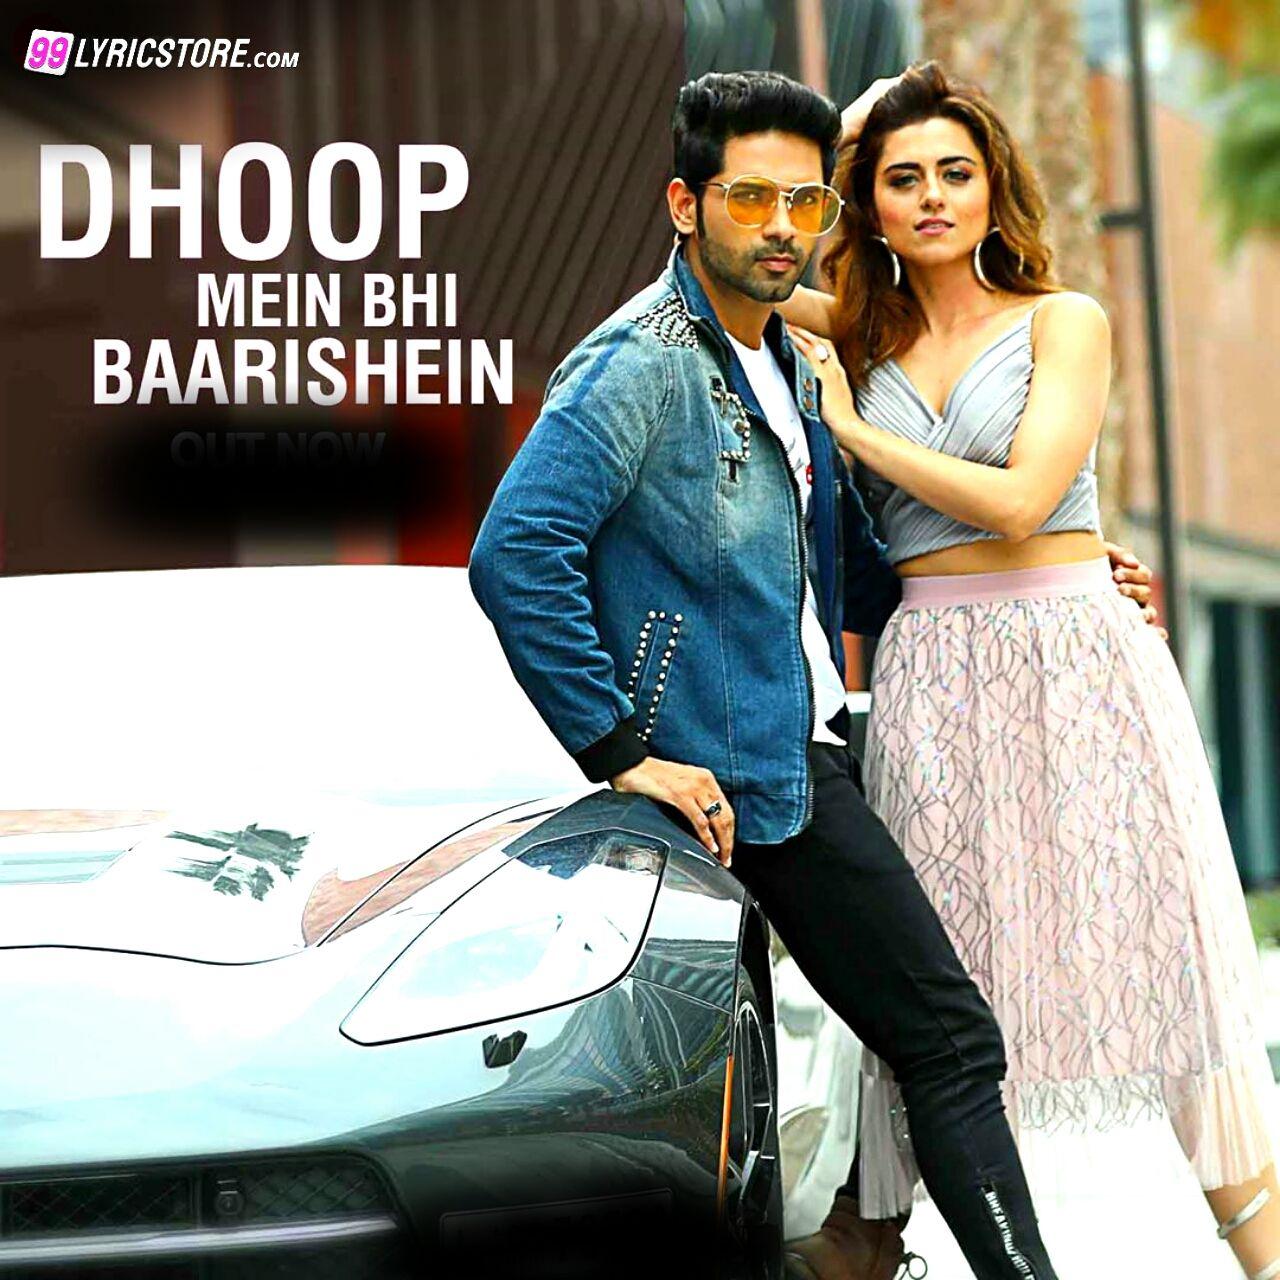 Dhoop Mein Bhi Baarishein sung by Yasser Desai